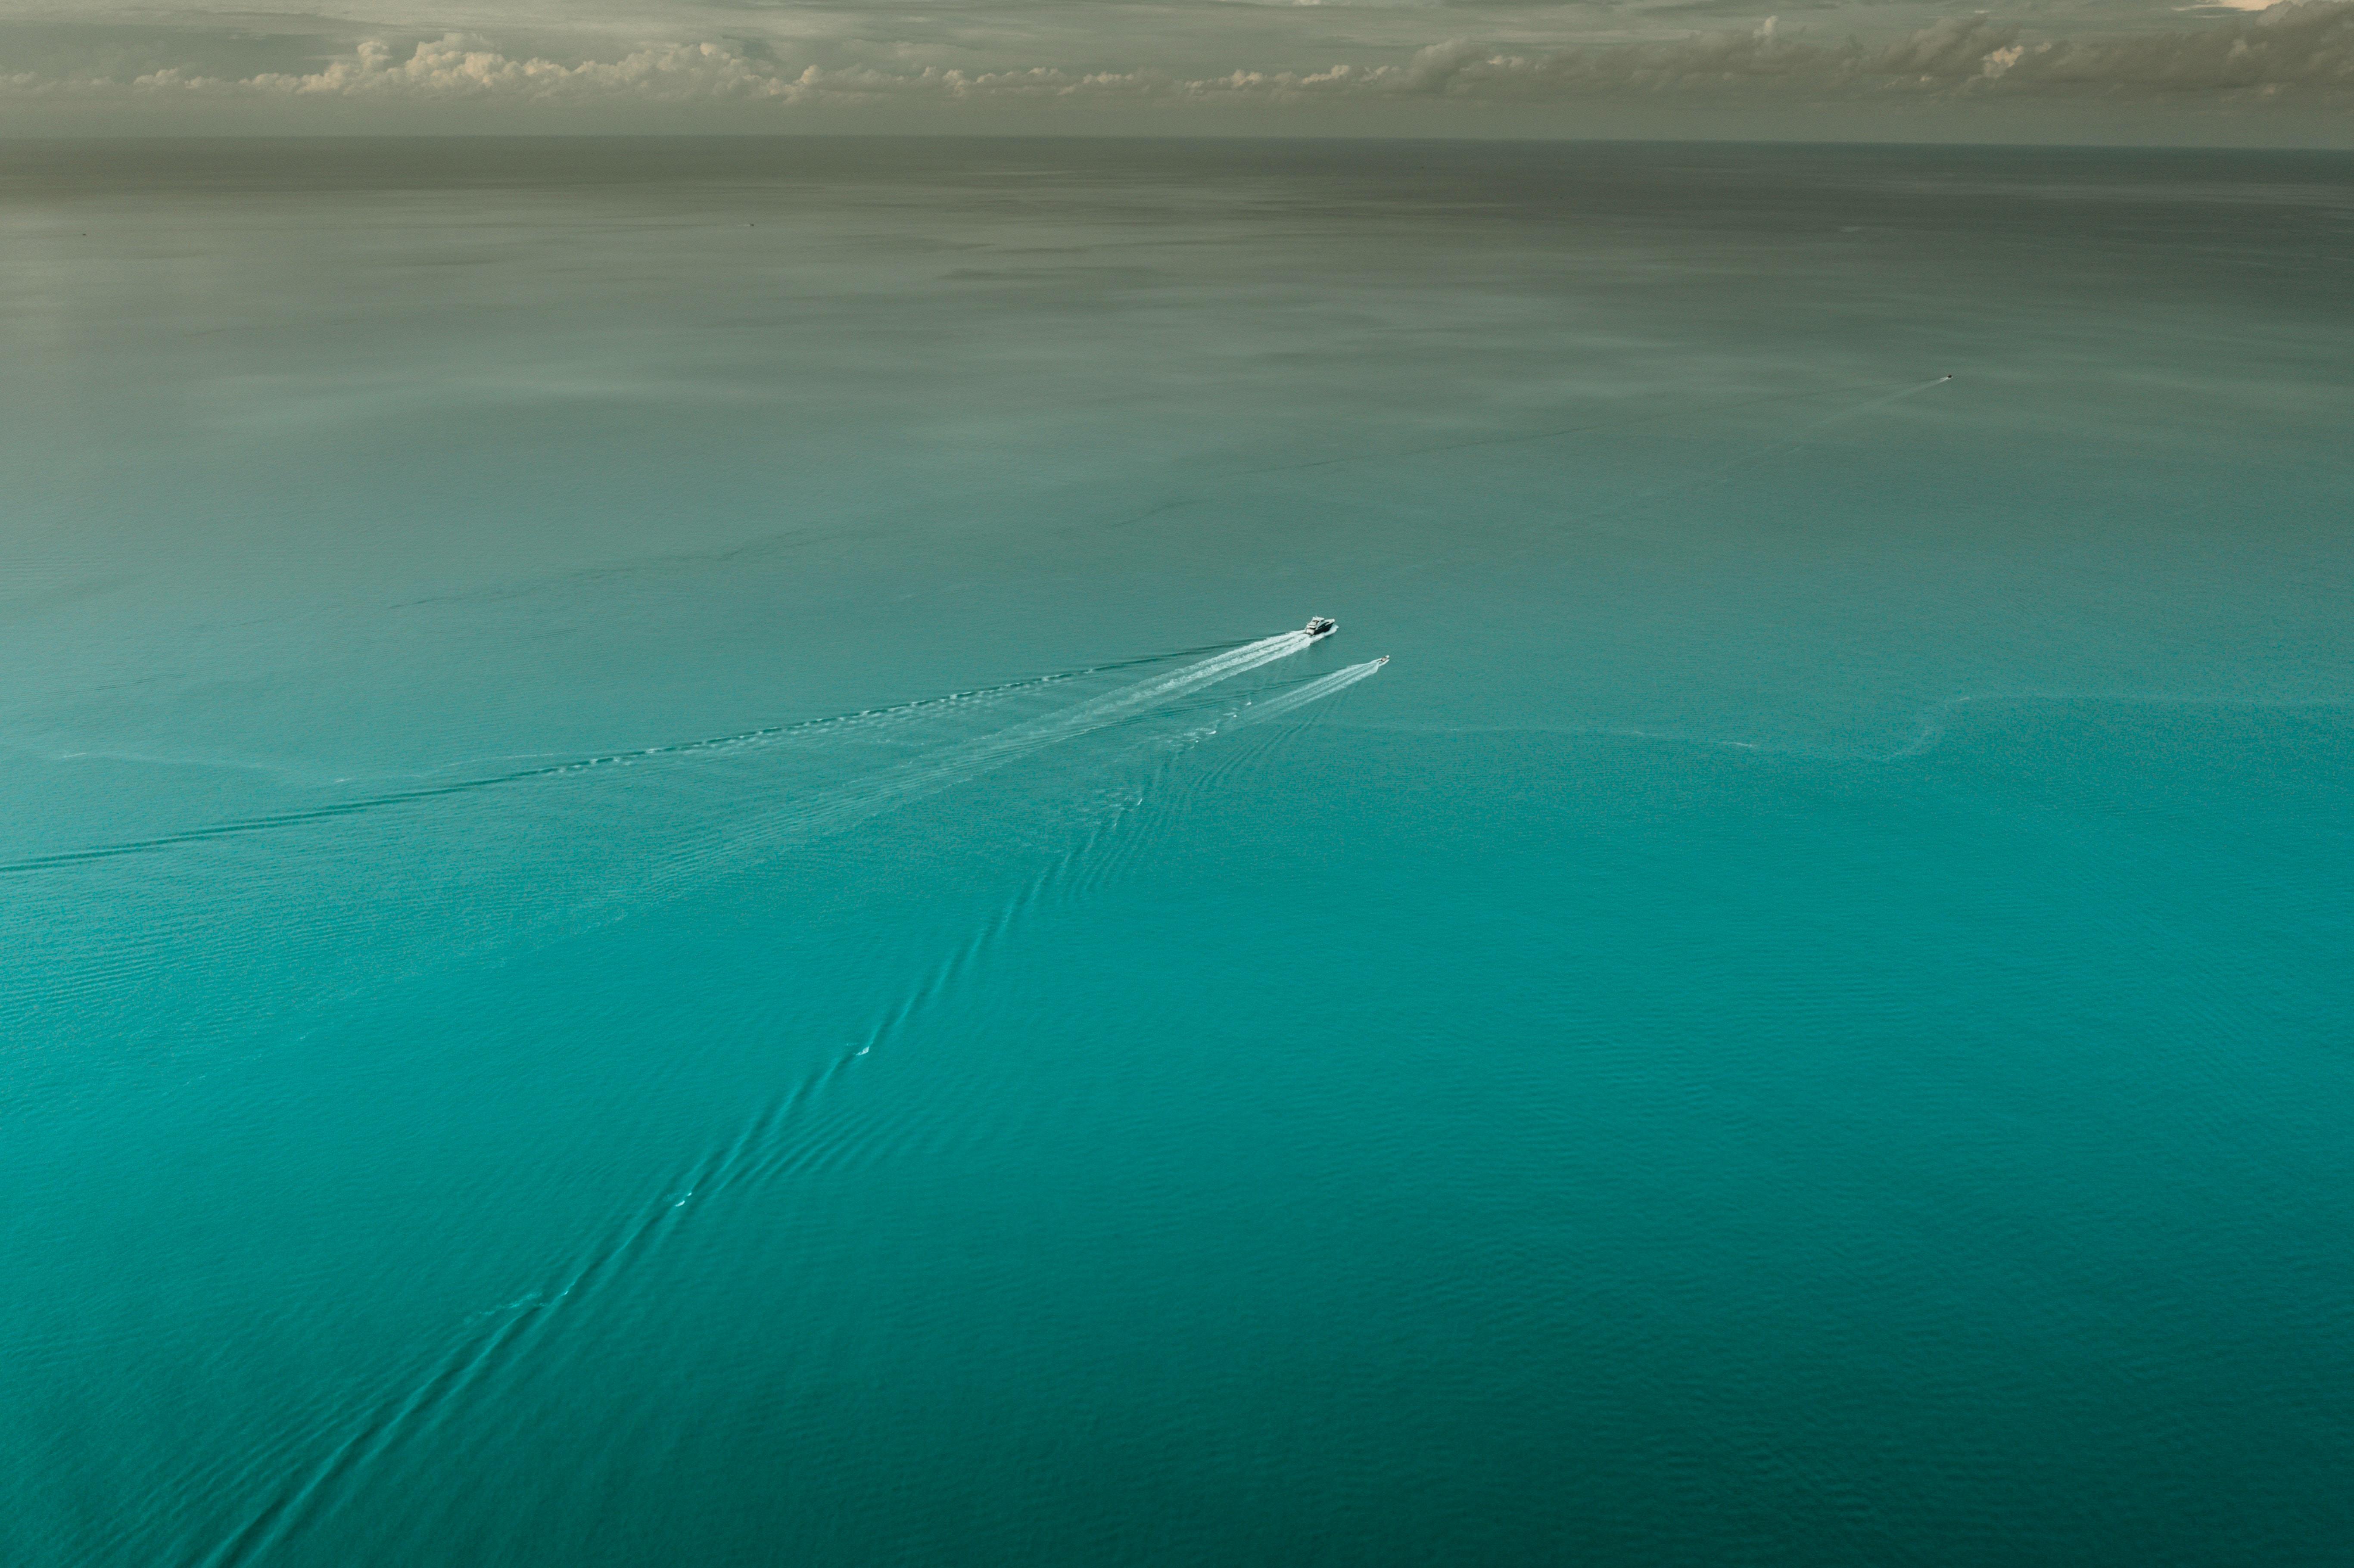 121864 Заставки и Обои Лодки на телефон. Скачать Природа, Море, Лодки, Вид Сверху, Вода, Голубой, Спокойный картинки бесплатно